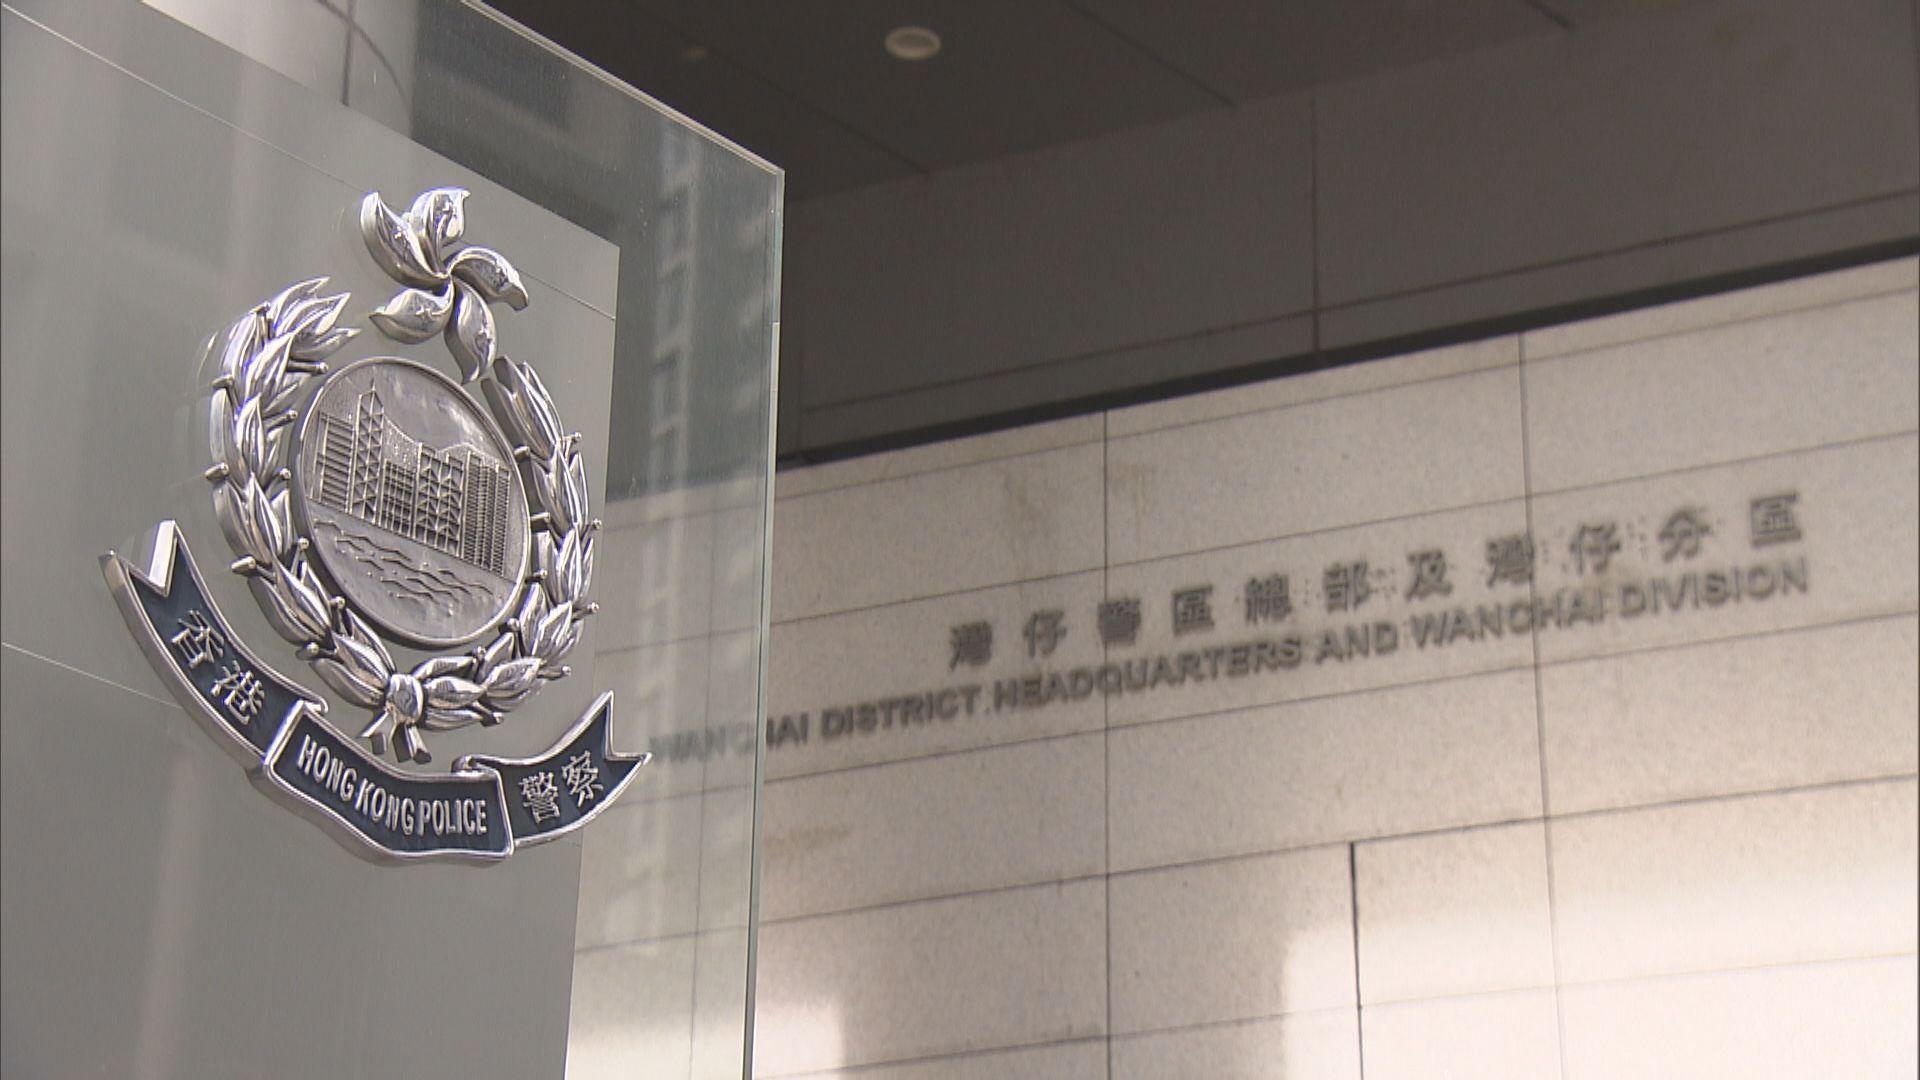 警察公共關係科高級督察涉警總內盜竊被捕